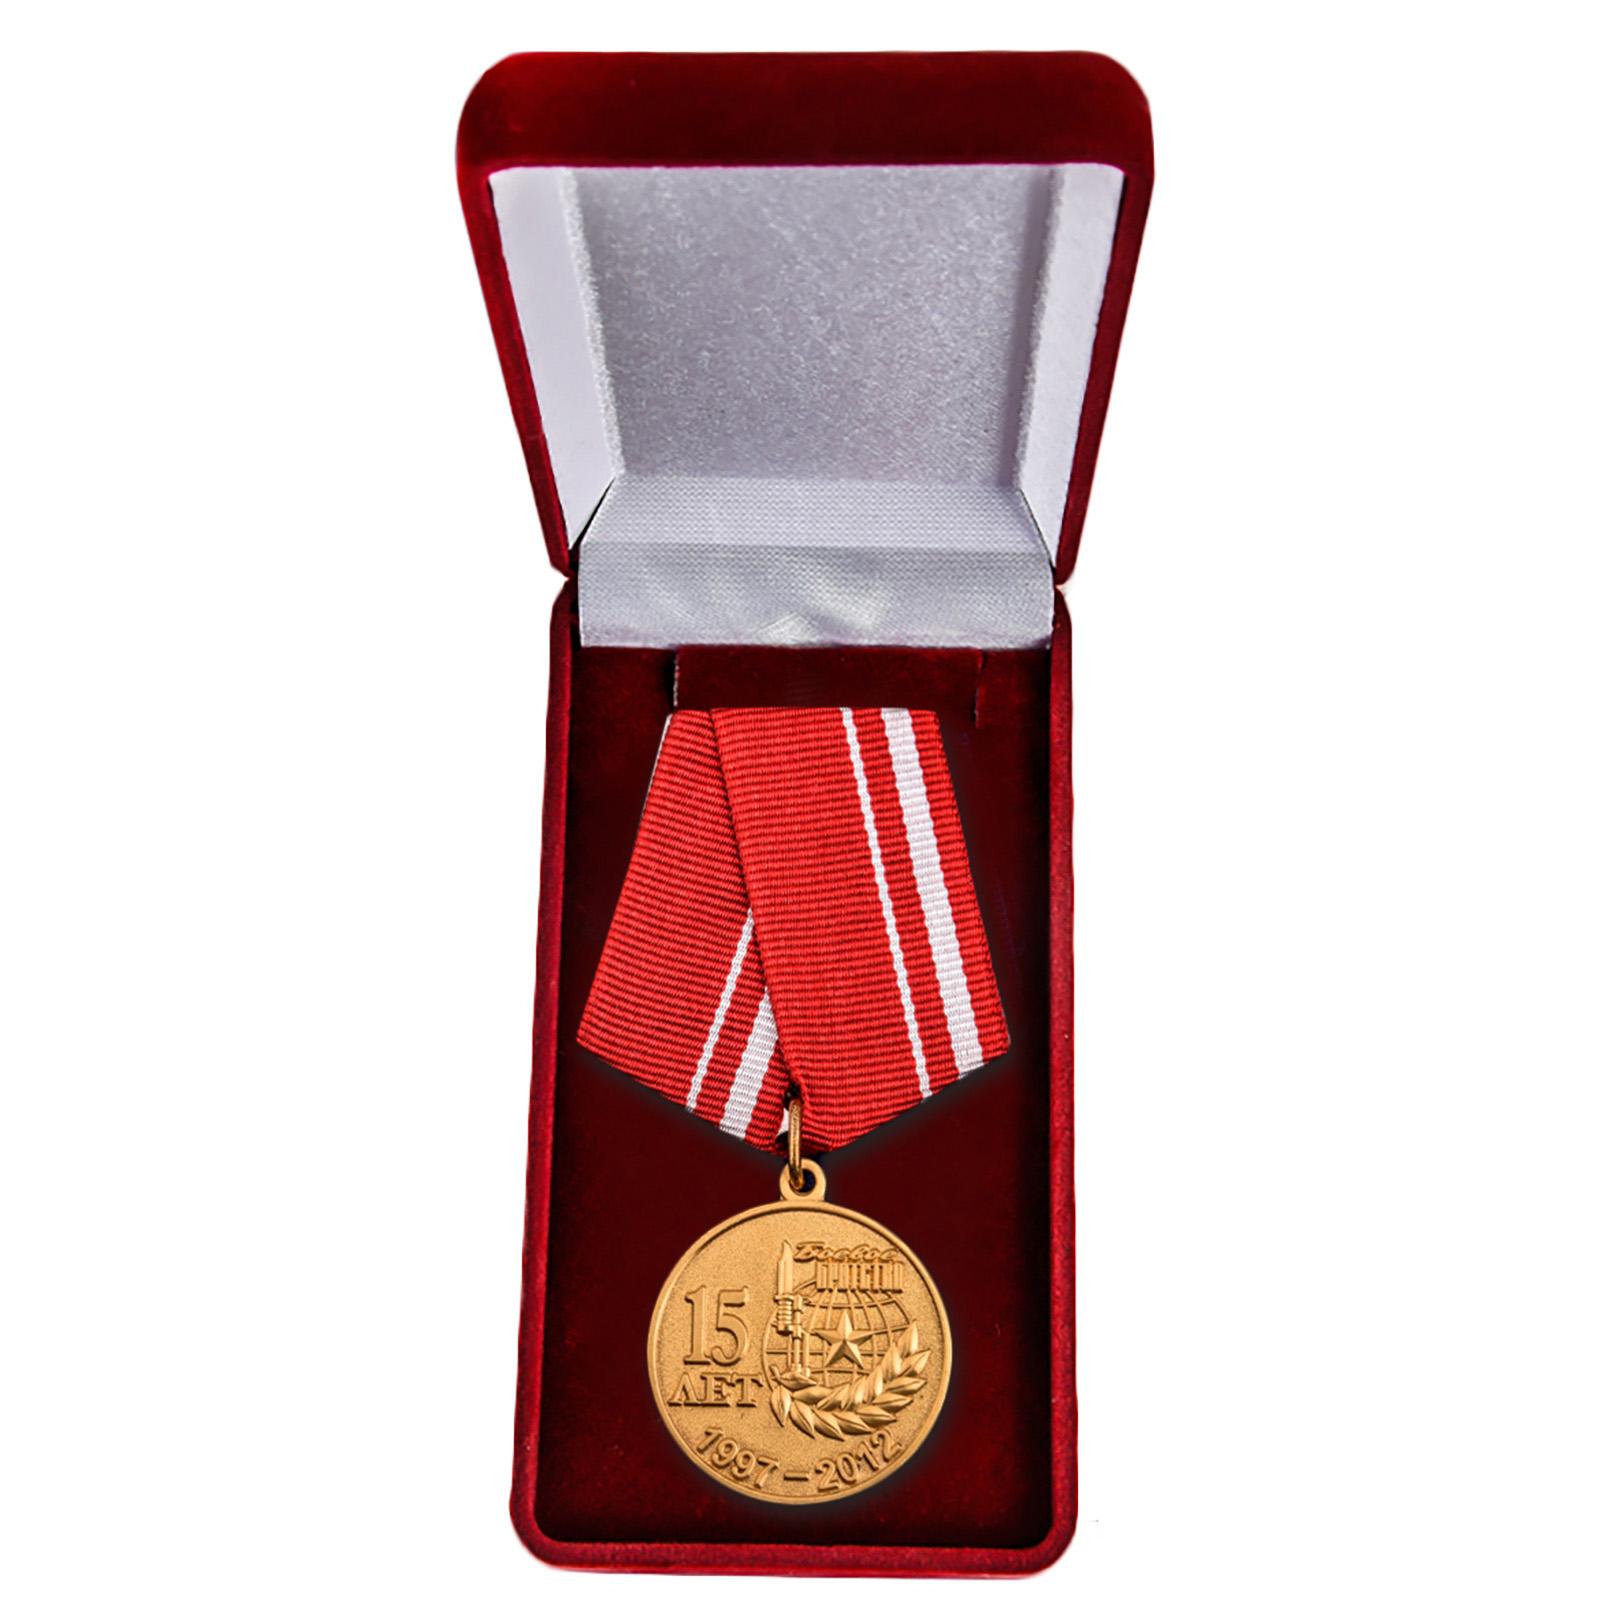 """Медаль """"Боевому братству - 15 лет"""" купить в Военпро"""